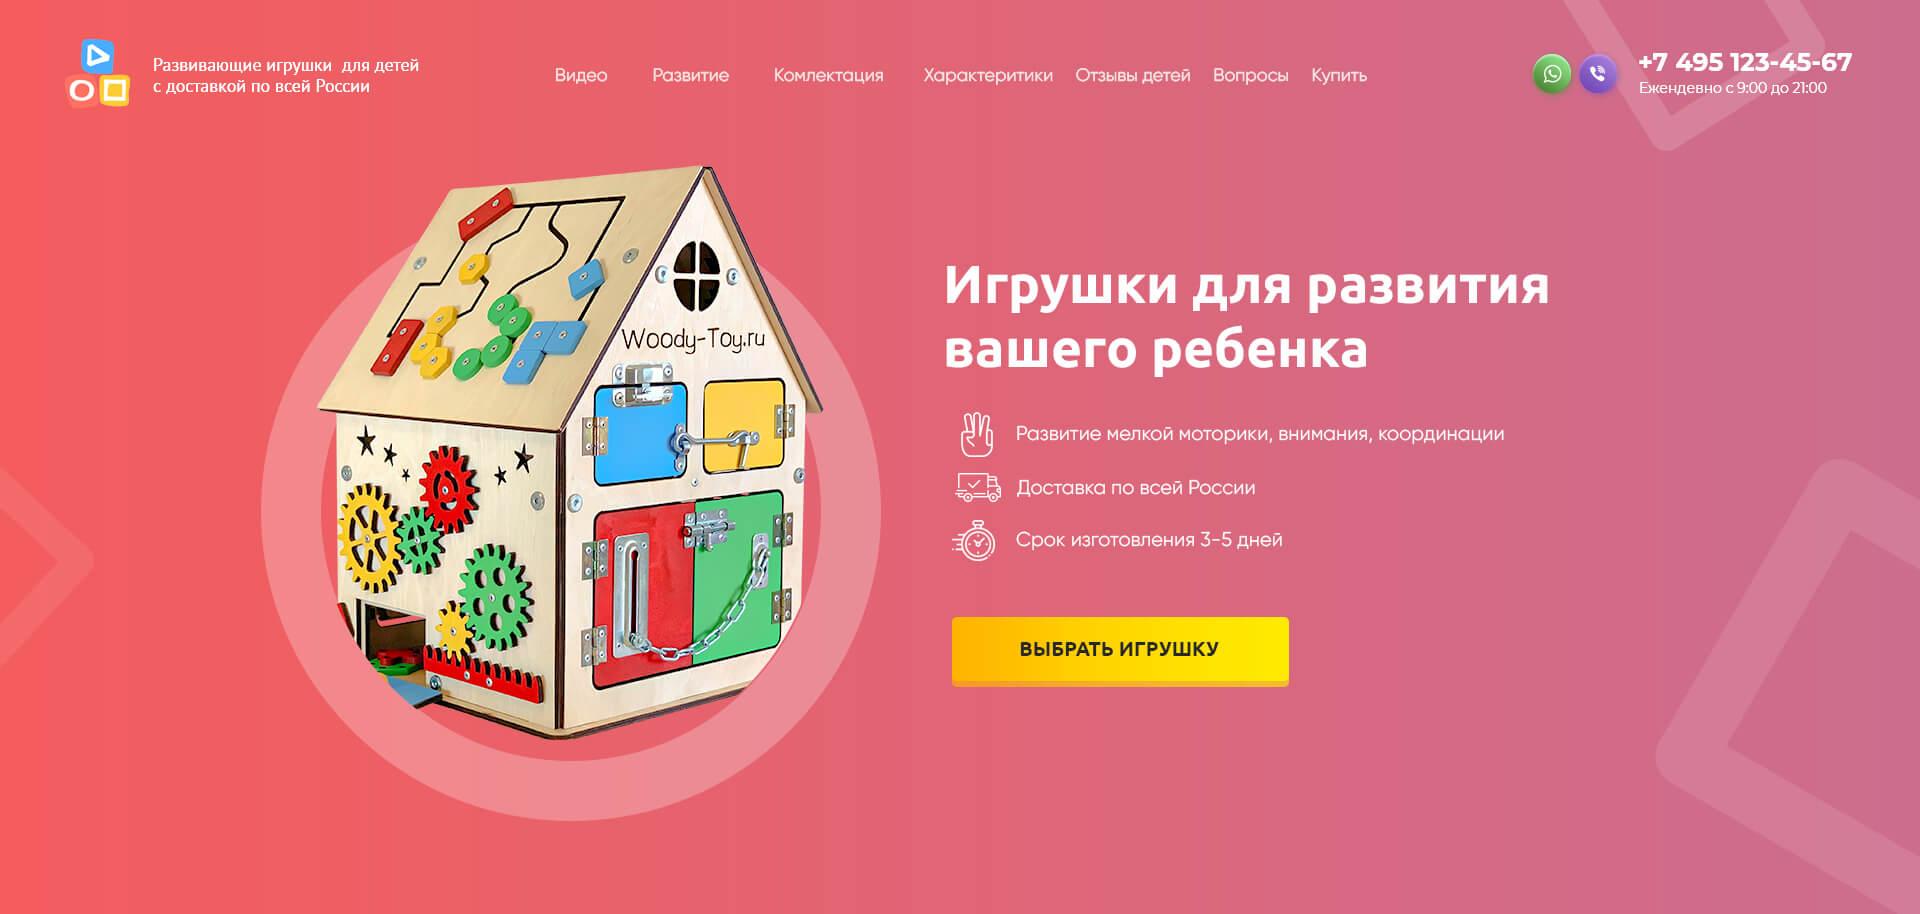 Дизайн лендинга для компании по продаже развивающих игрушек 4